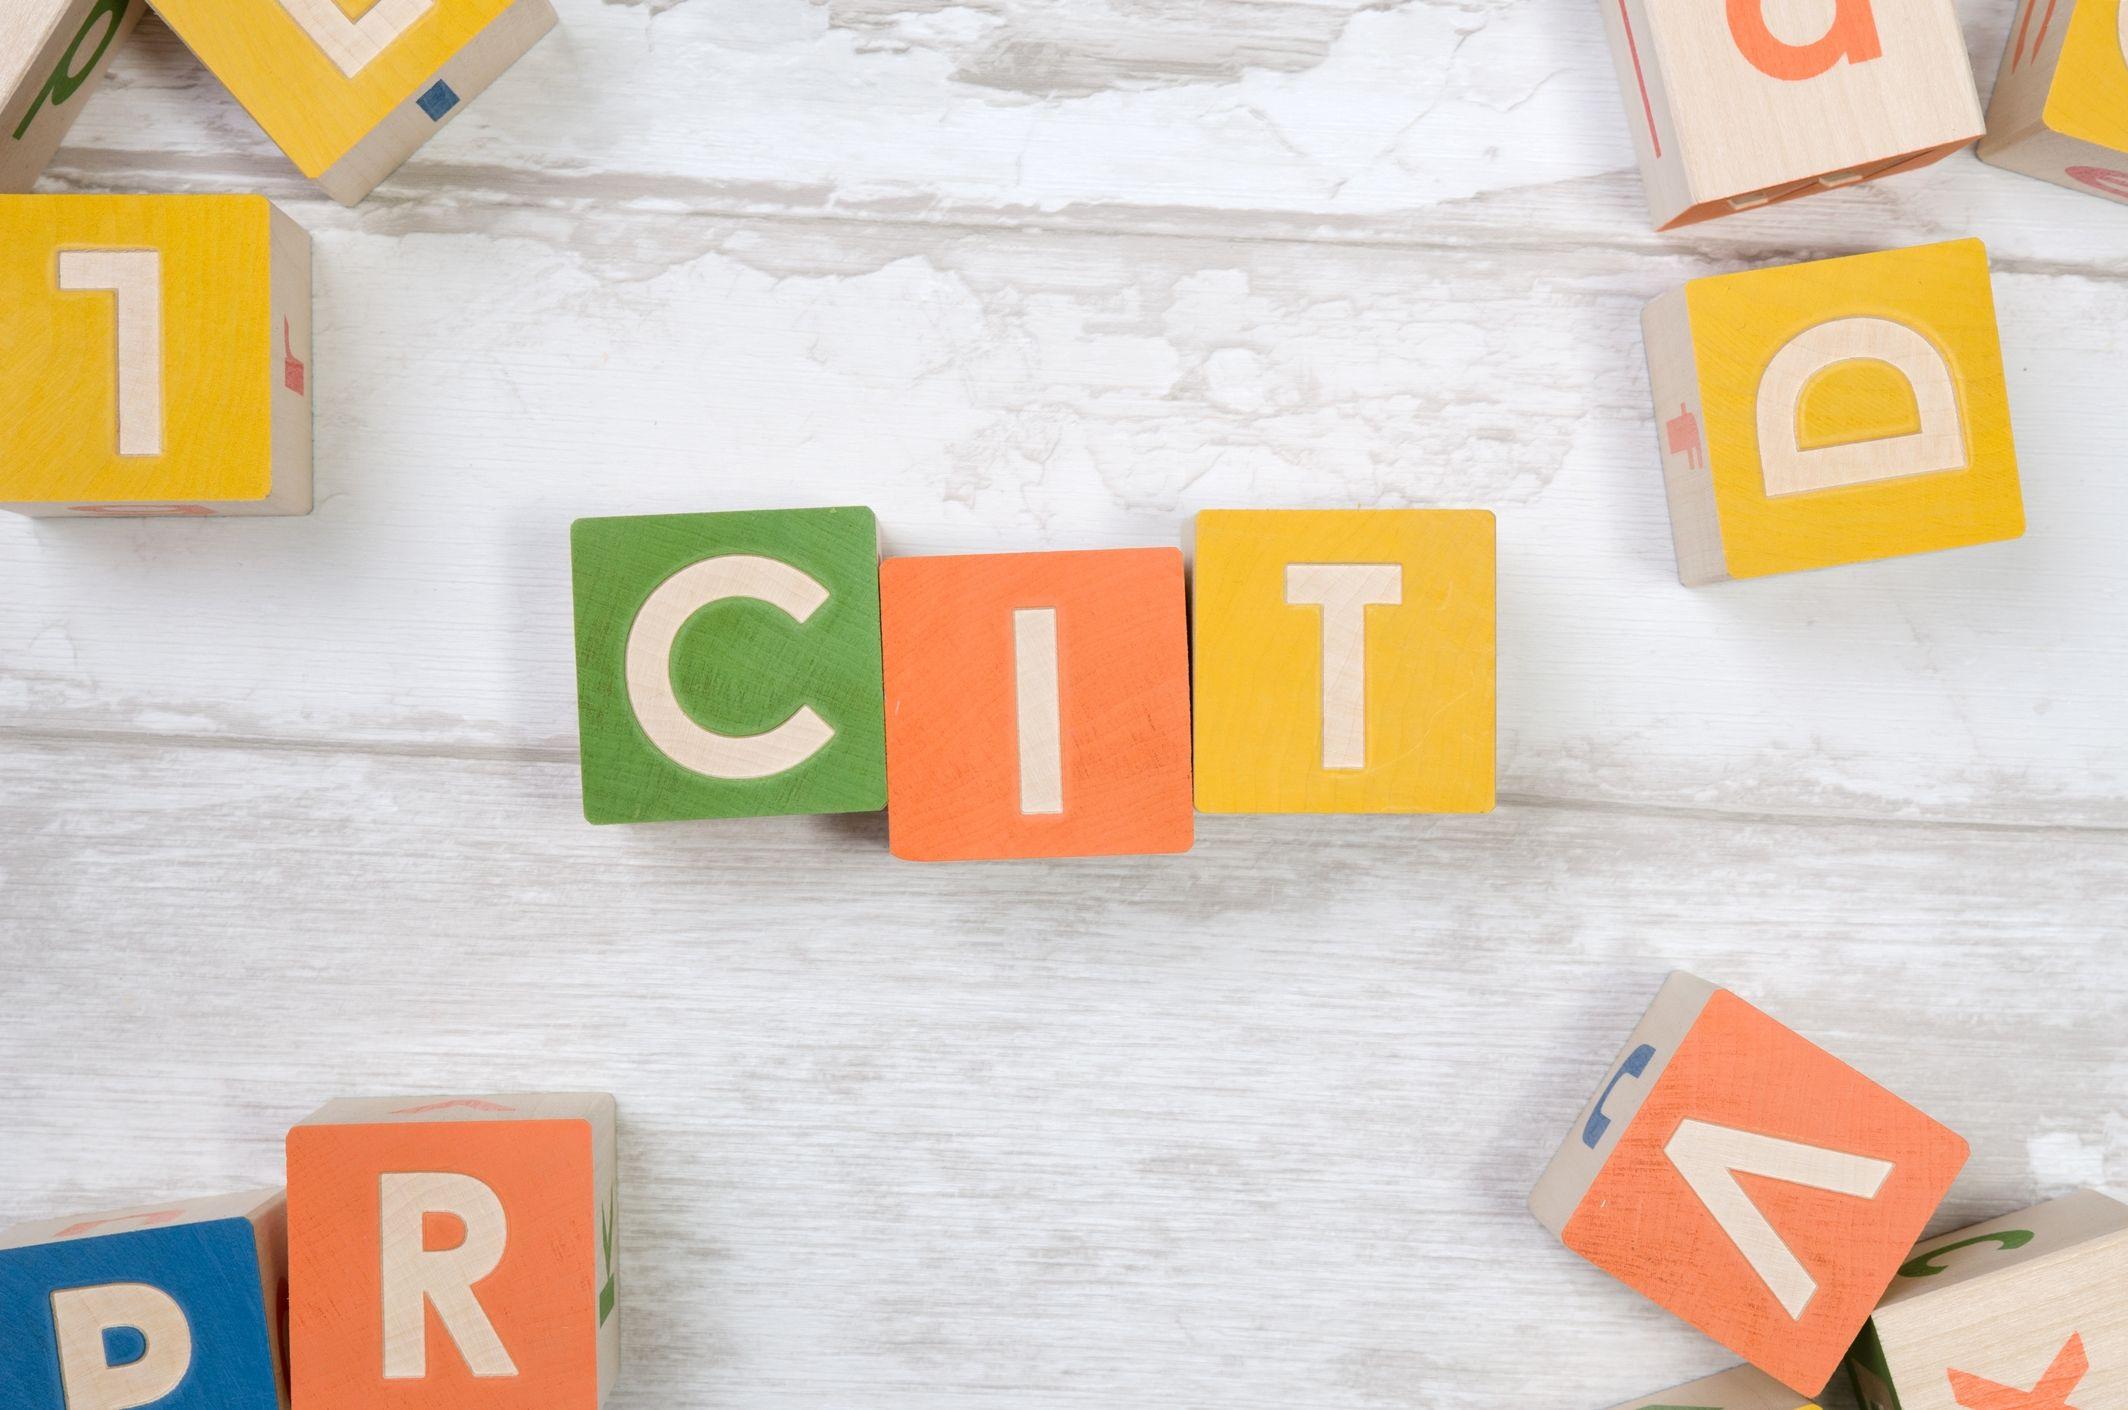 Zmiany w zasadach składania CIT-8 i przesyłania sprawozdań finansowych